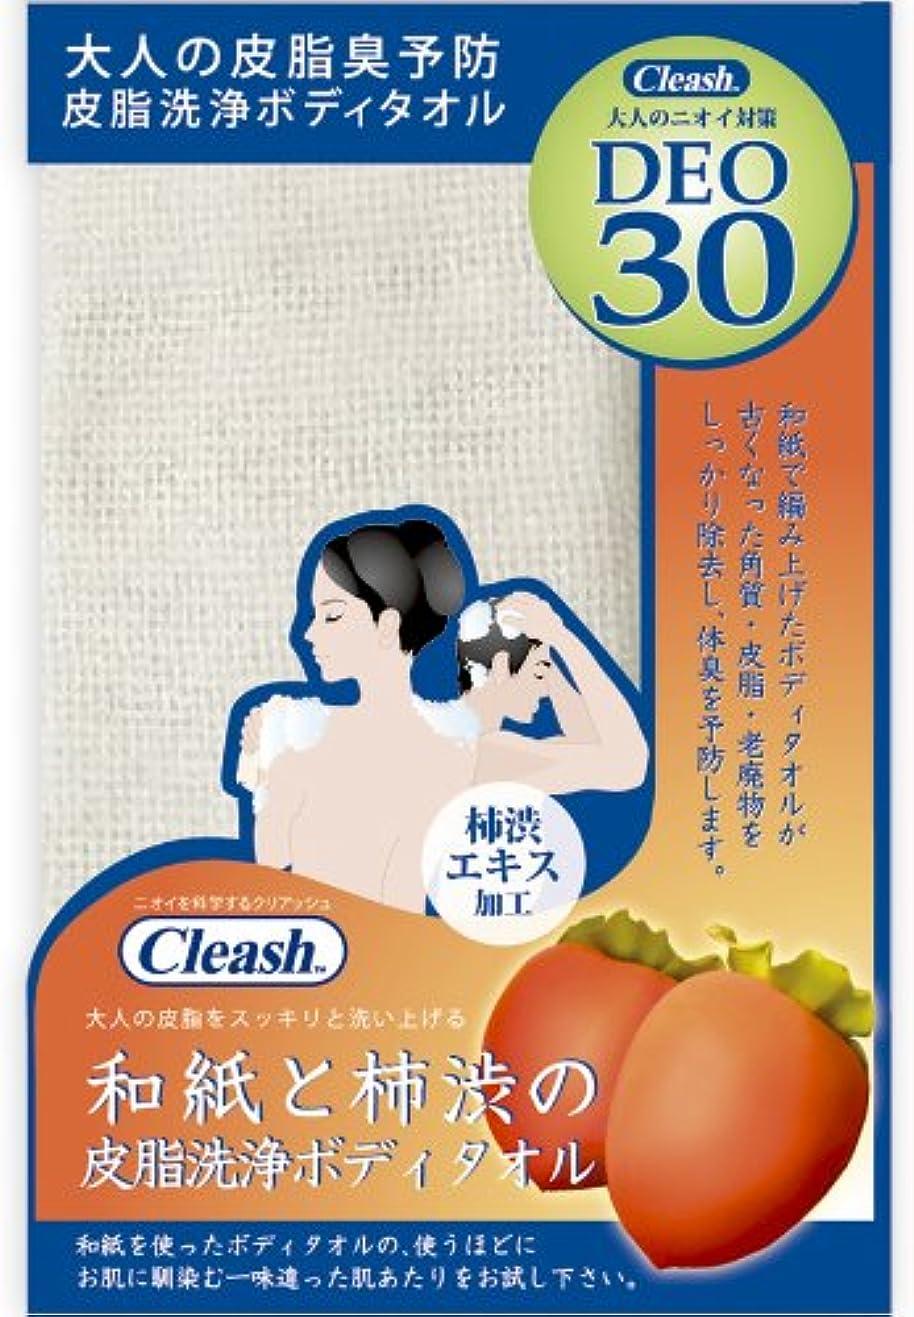 学士緊張するジョセフバンクスクリアッシュ™ デオサーティー 和紙と柿渋の皮脂洗浄ボディタオル